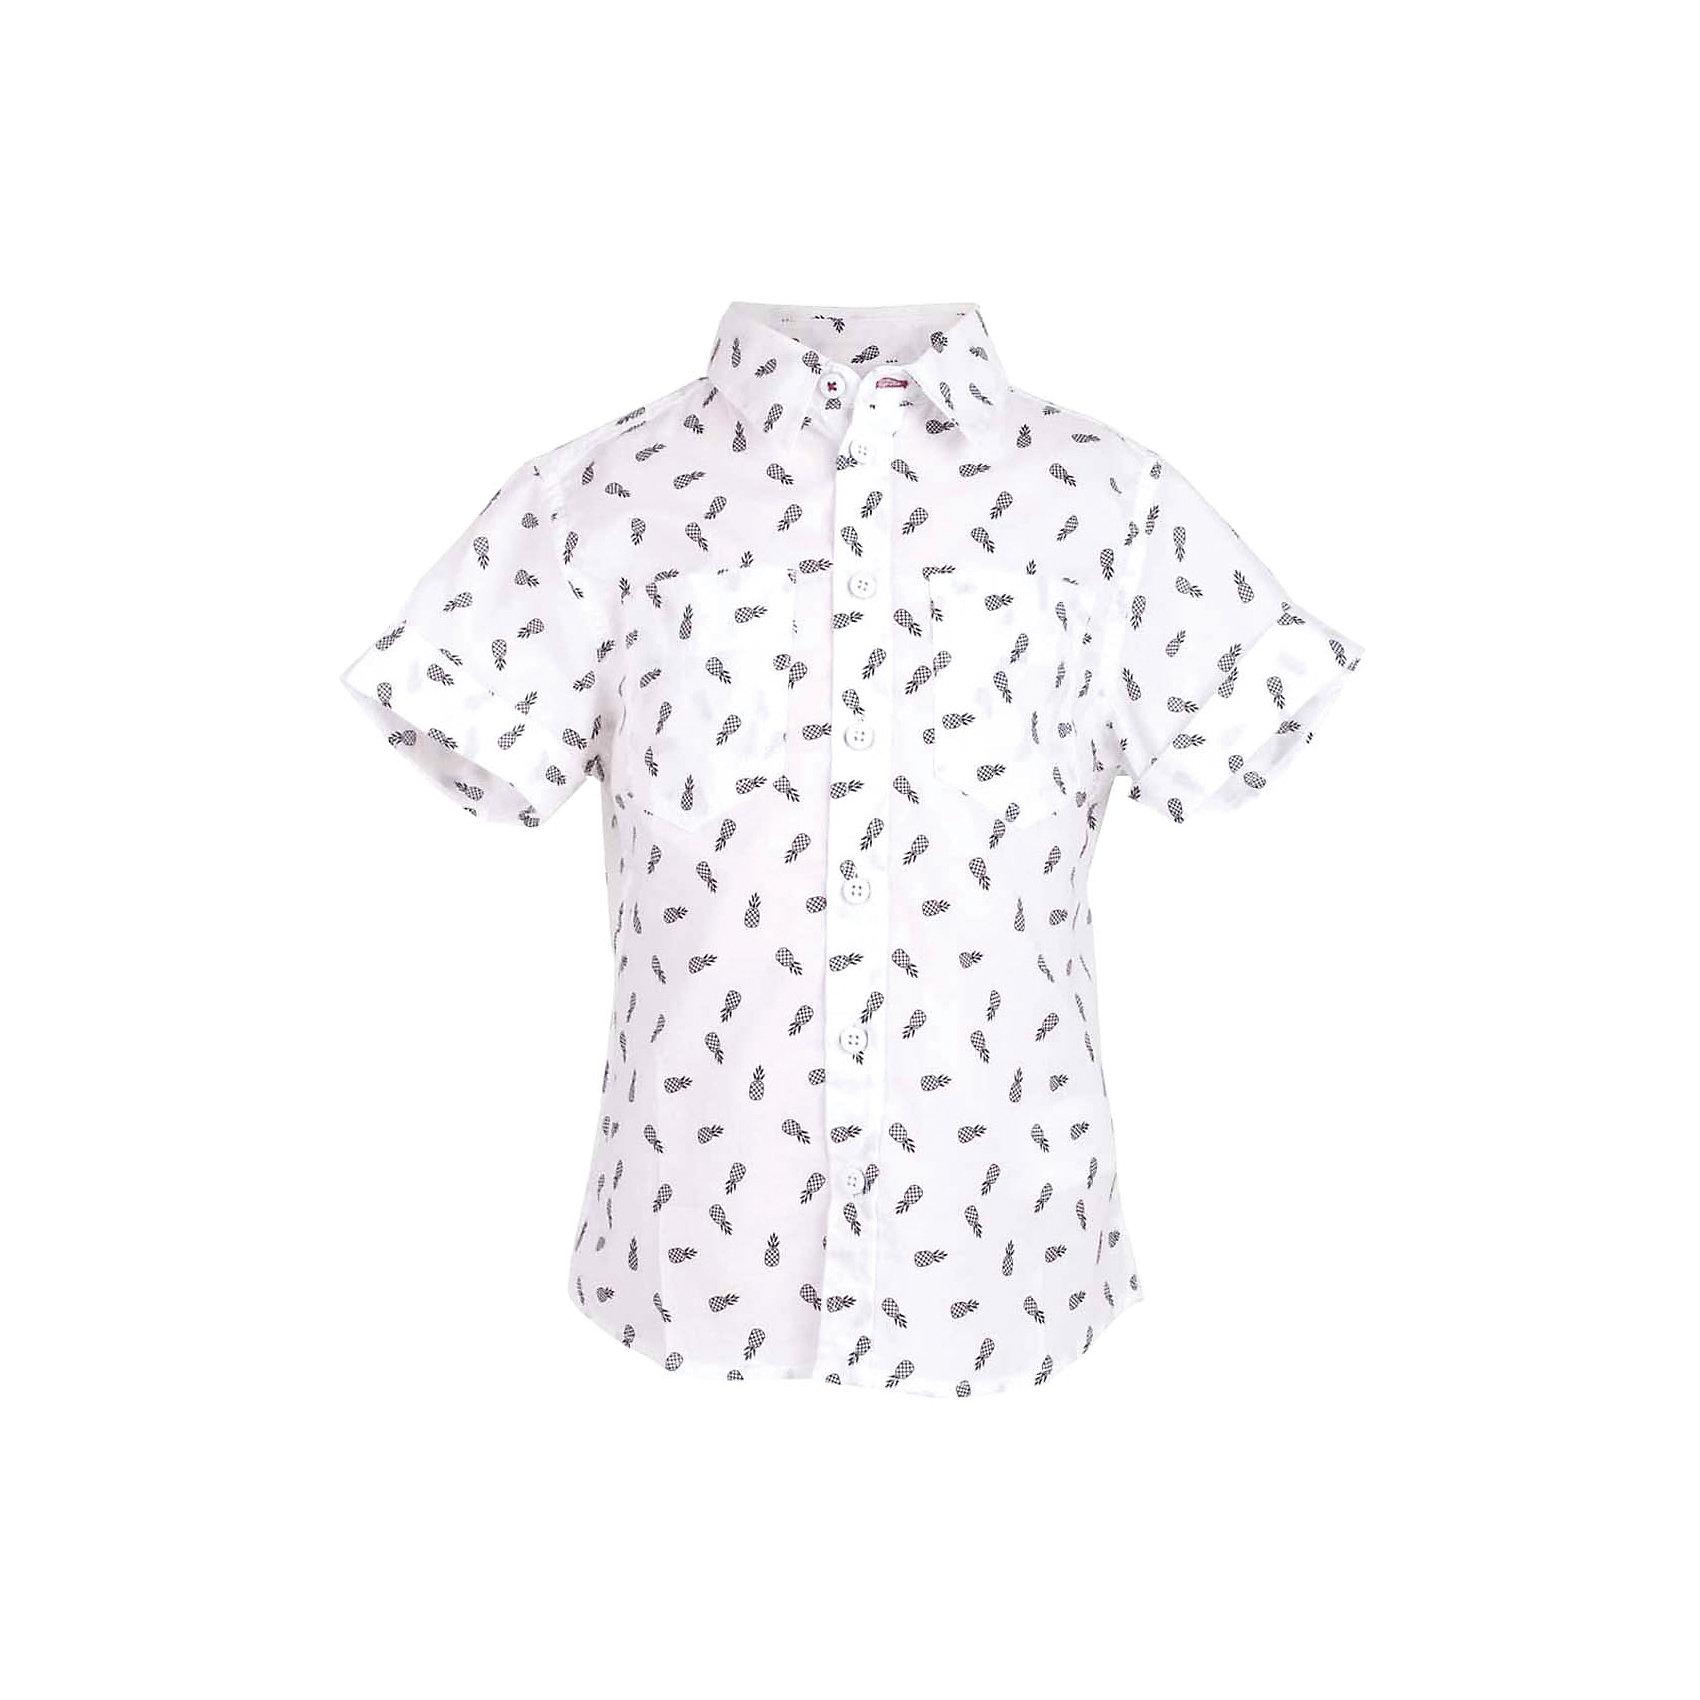 Сорочка для мальчика  BUTTON BLUEБлузки и рубашки<br>Сорочка для мальчика  BUTTON BLUE<br>Белая рубашка с модным мелким рисунком - яркий акцент повседневного образа ребенка. Купить рубашку для мальчика стоит ранней весной, и сочетать ее с футболкой, толстовкой, джемпером, создавая модные многослойные решения. И для лета рубашка с коротким рукавом из 100% хлопка - отличный вариант. С брюками, шортами, джинсами она будет выглядеть свежо и стильно!<br>Состав:<br>100%  хлопок<br><br>Ширина мм: 174<br>Глубина мм: 10<br>Высота мм: 169<br>Вес г: 157<br>Цвет: разноцветный<br>Возраст от месяцев: 144<br>Возраст до месяцев: 156<br>Пол: Мужской<br>Возраст: Детский<br>Размер: 158,146,98,104,110,116,122,128,134,140,152<br>SKU: 5524476